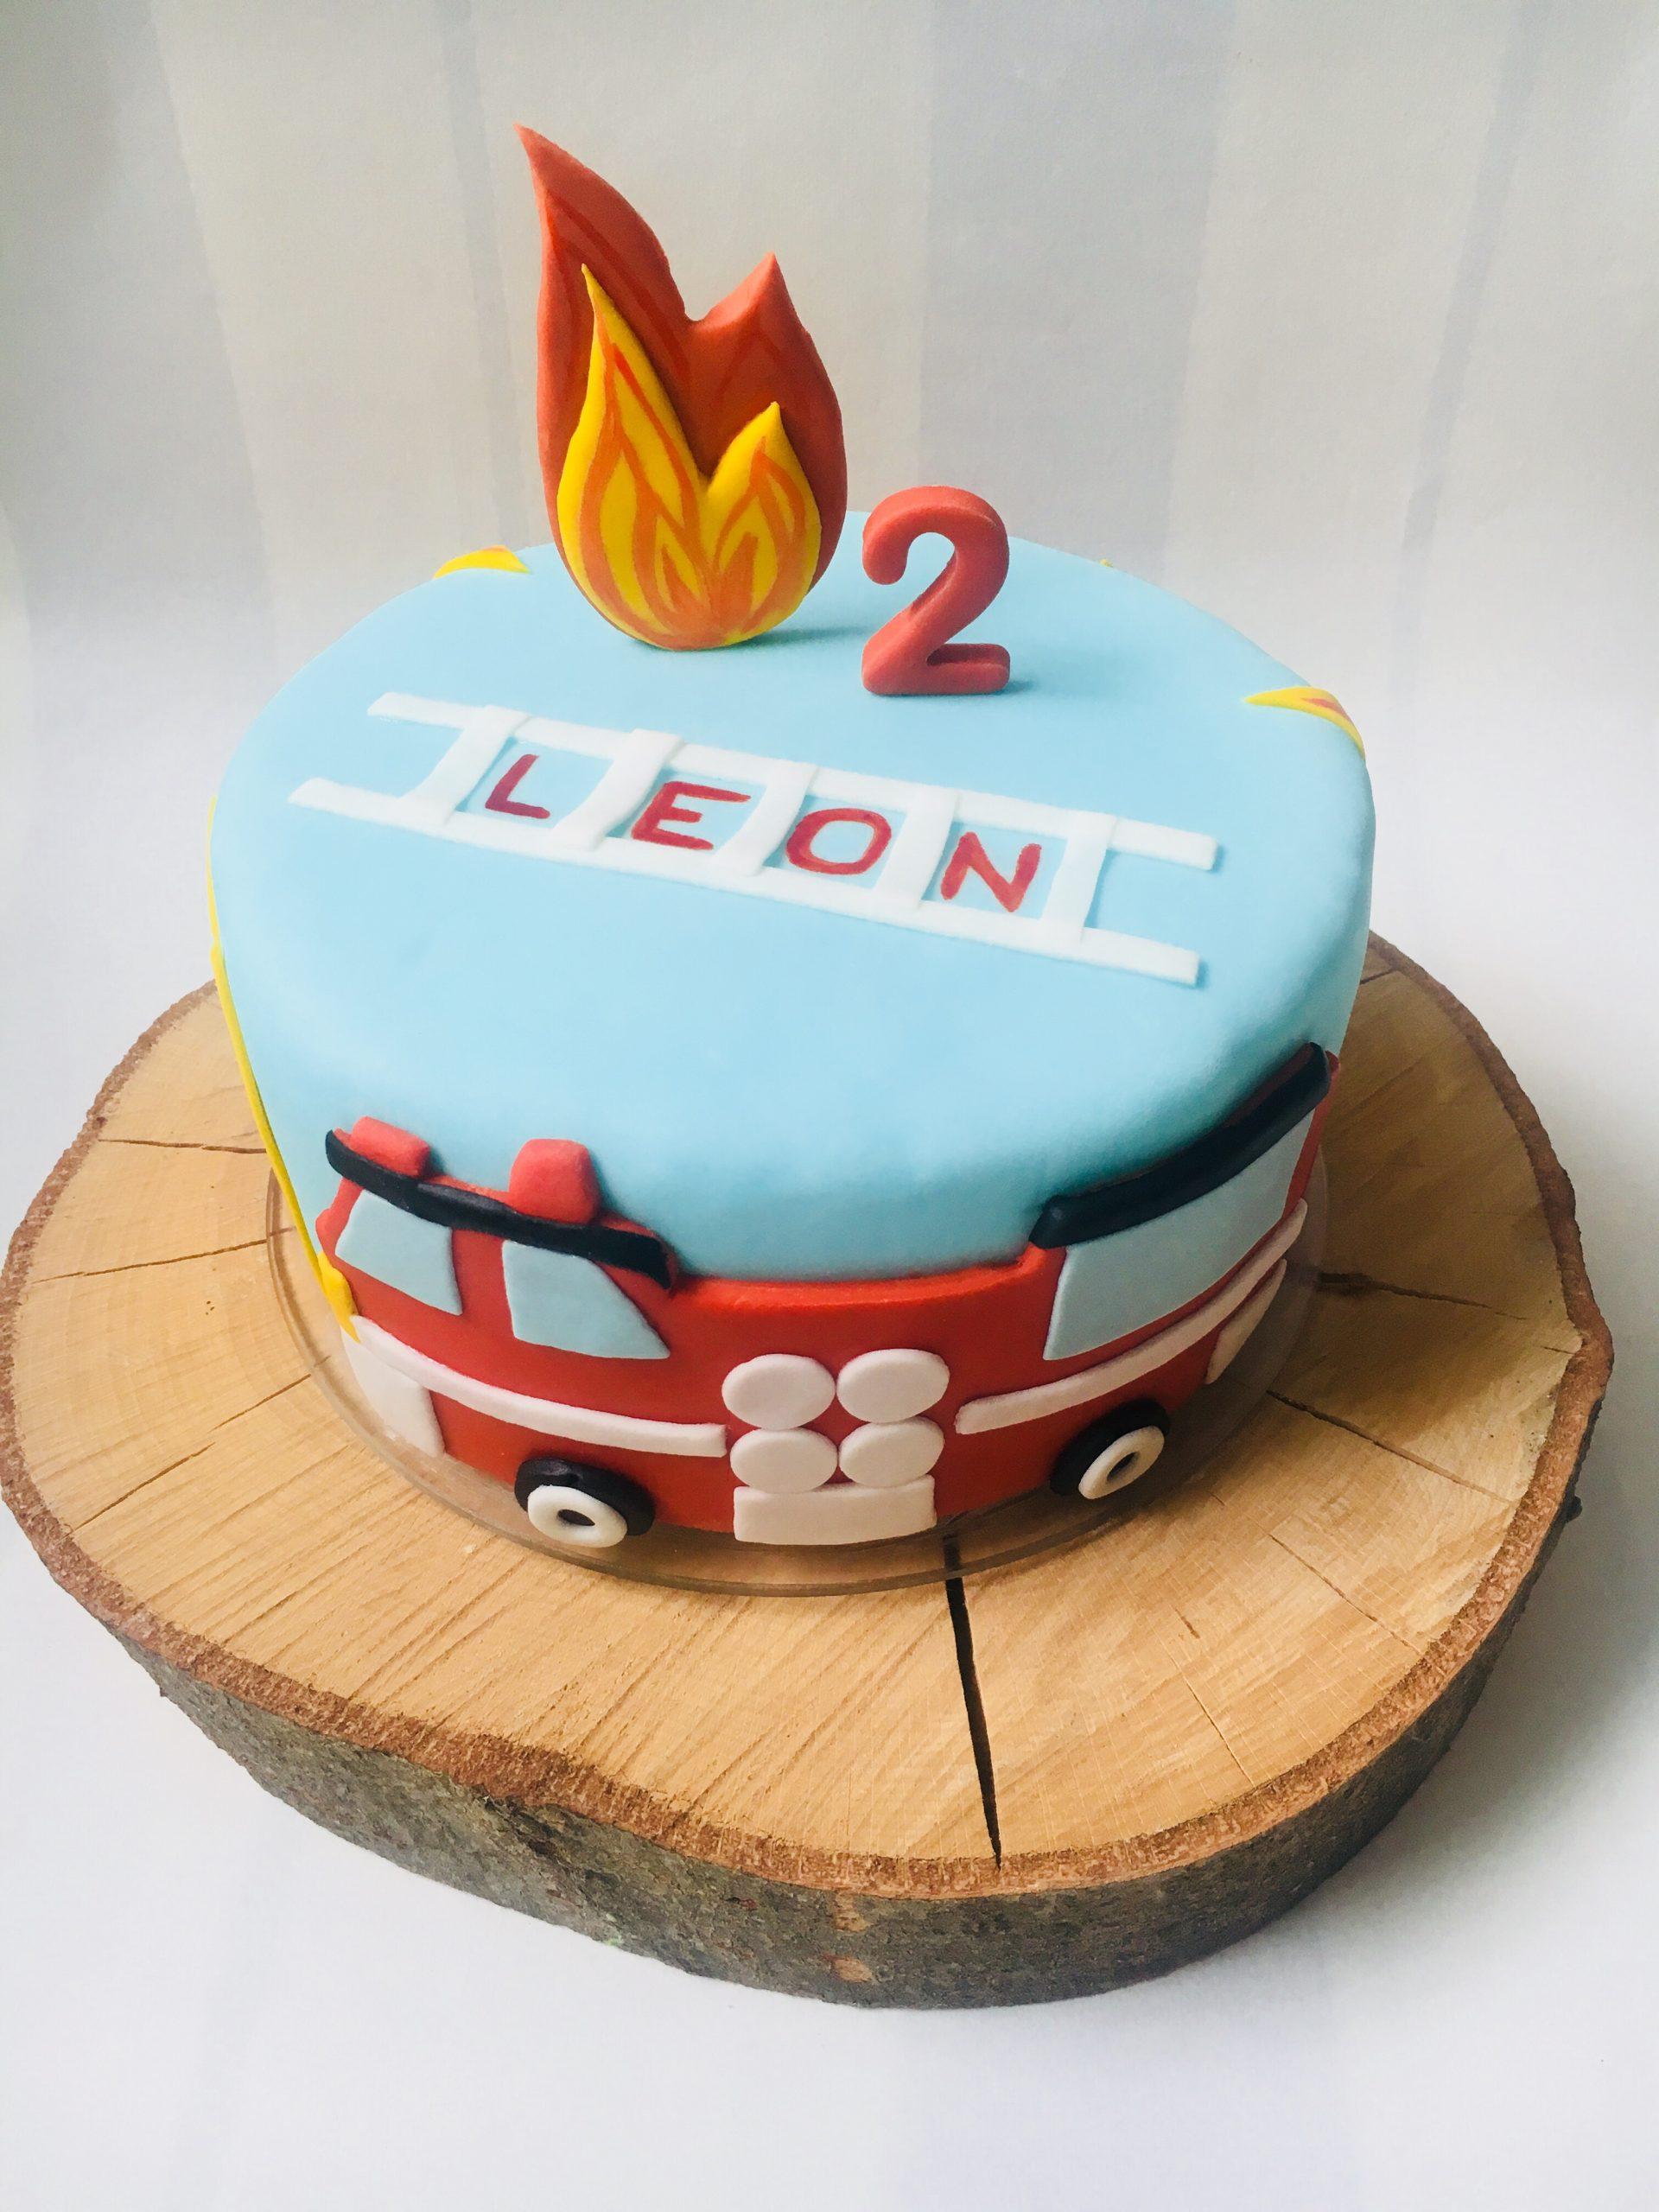 Feuerwehrtorte Zum 2. Geburtstag   Homemade By Kati über Torte Zum 2 Geburtstag